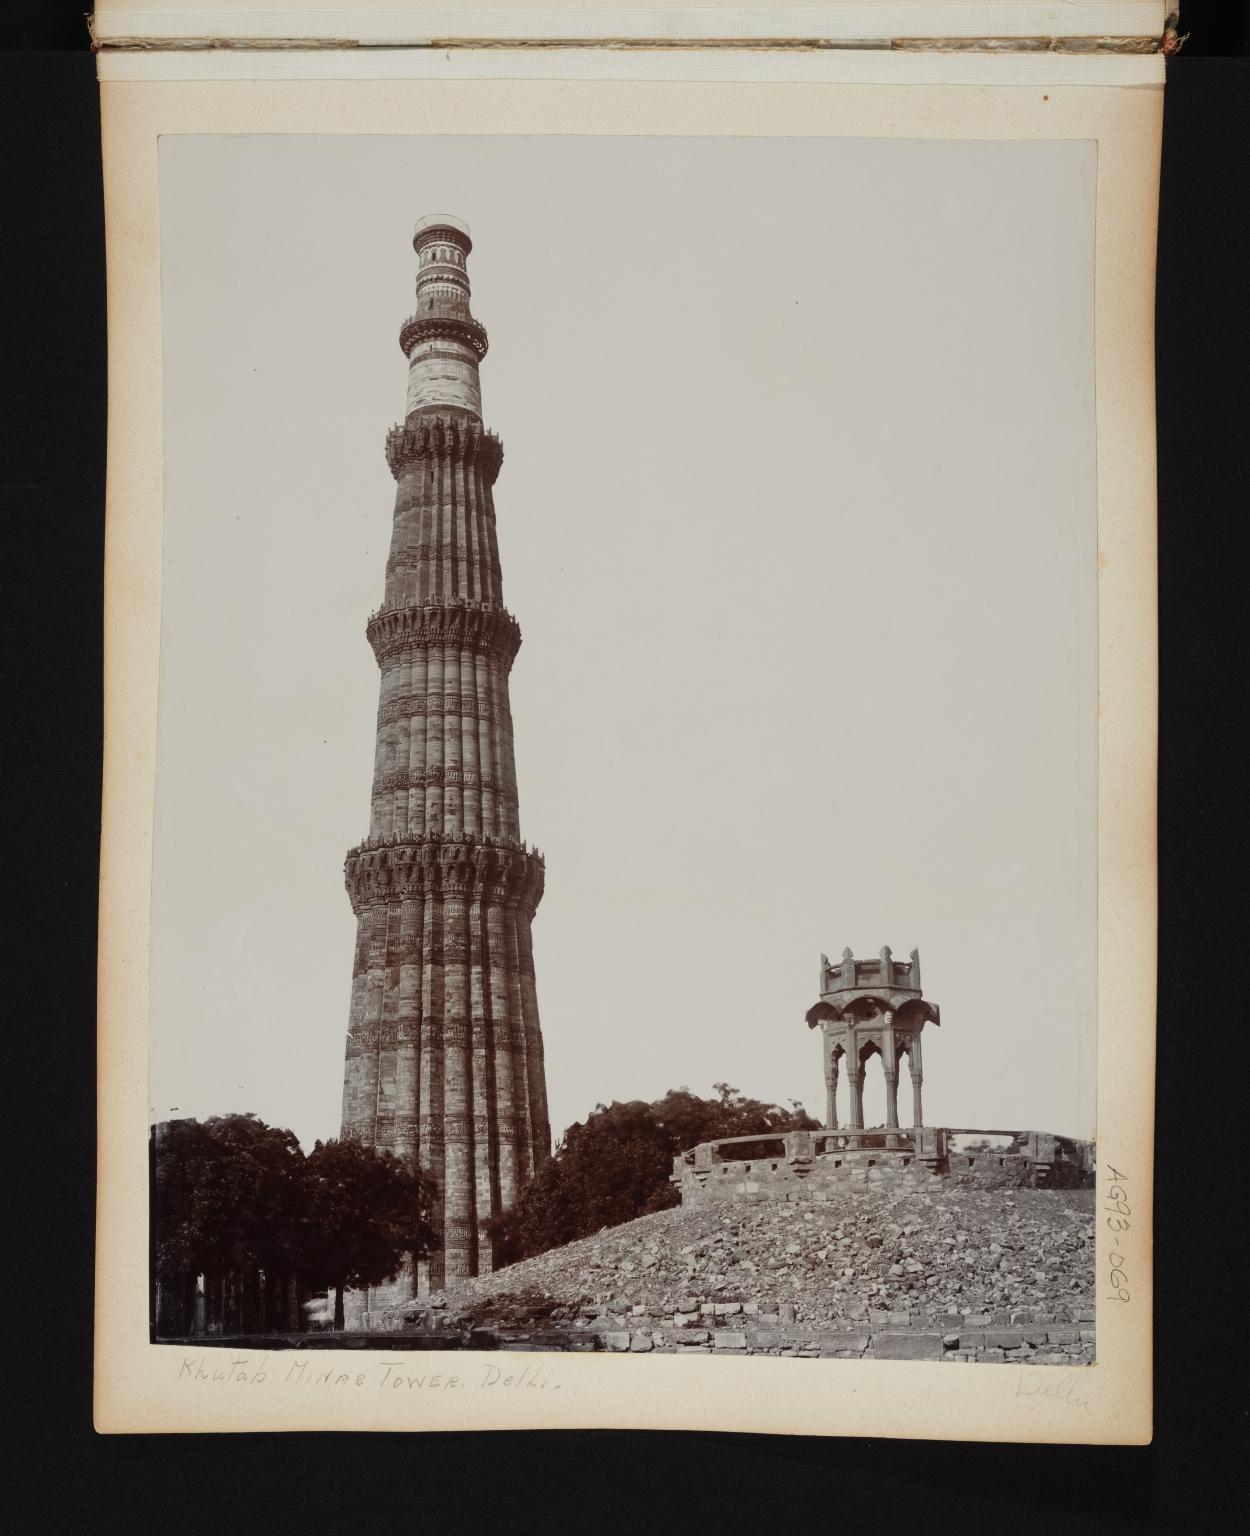 Khutah Minar Tower in Delhi, India.